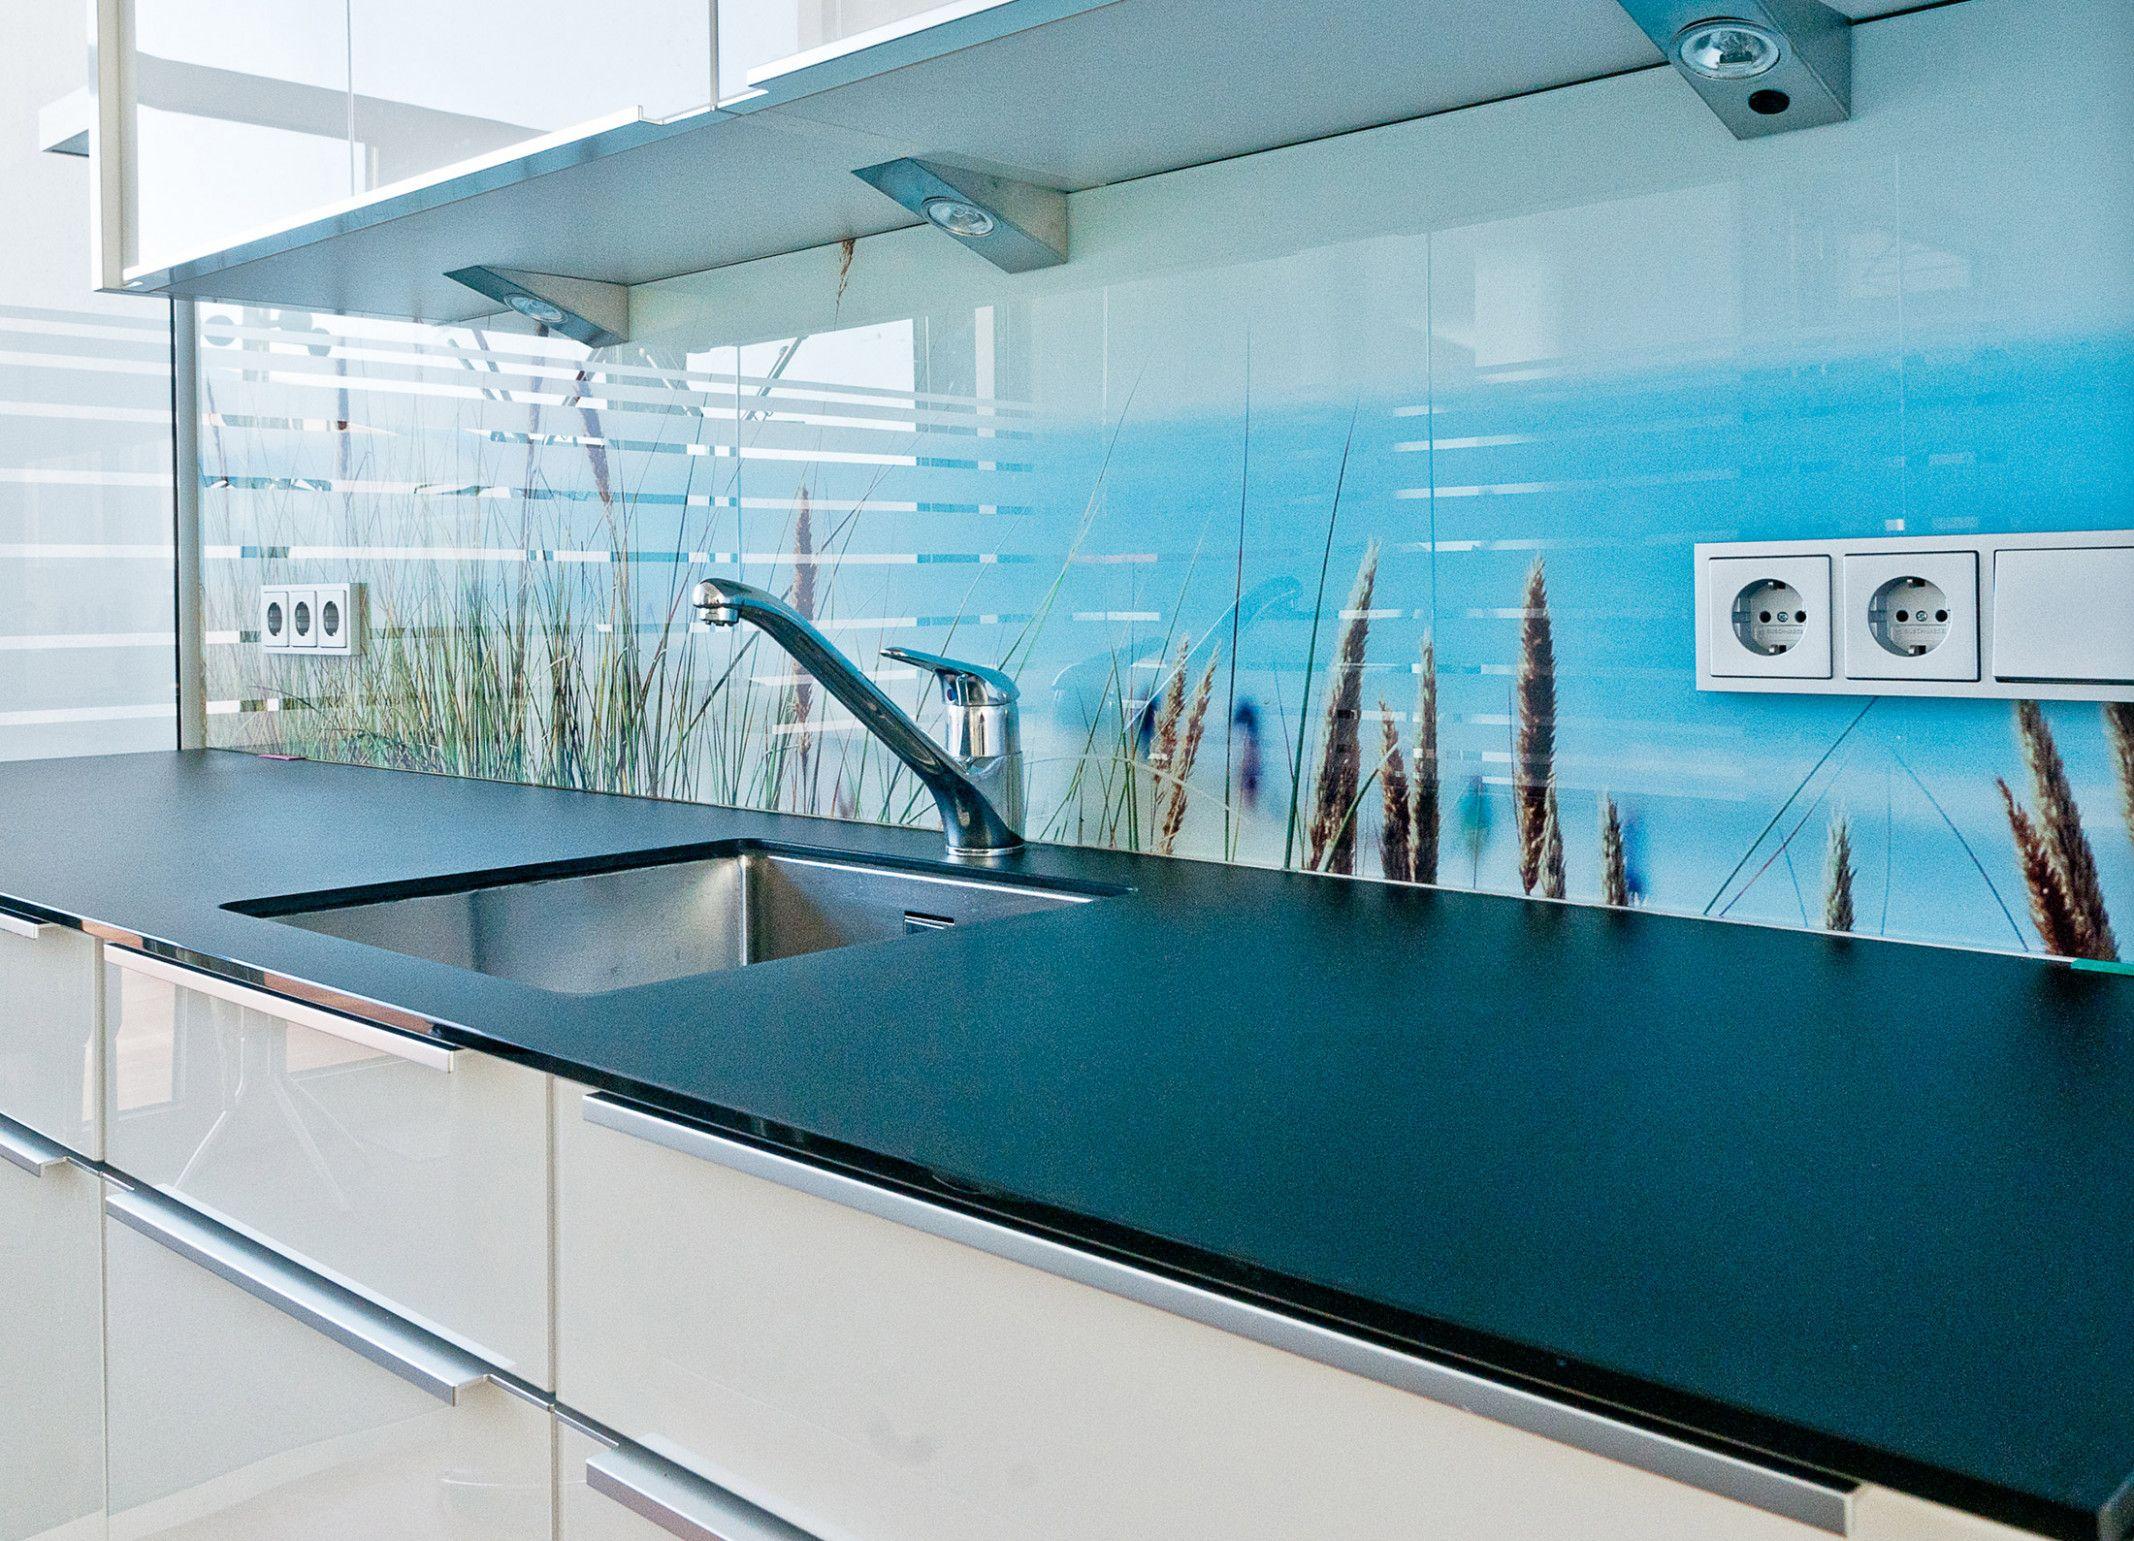 8 Küche Hintergrund Glas  Fliesenspiegel, Küchenspiegel, Küche